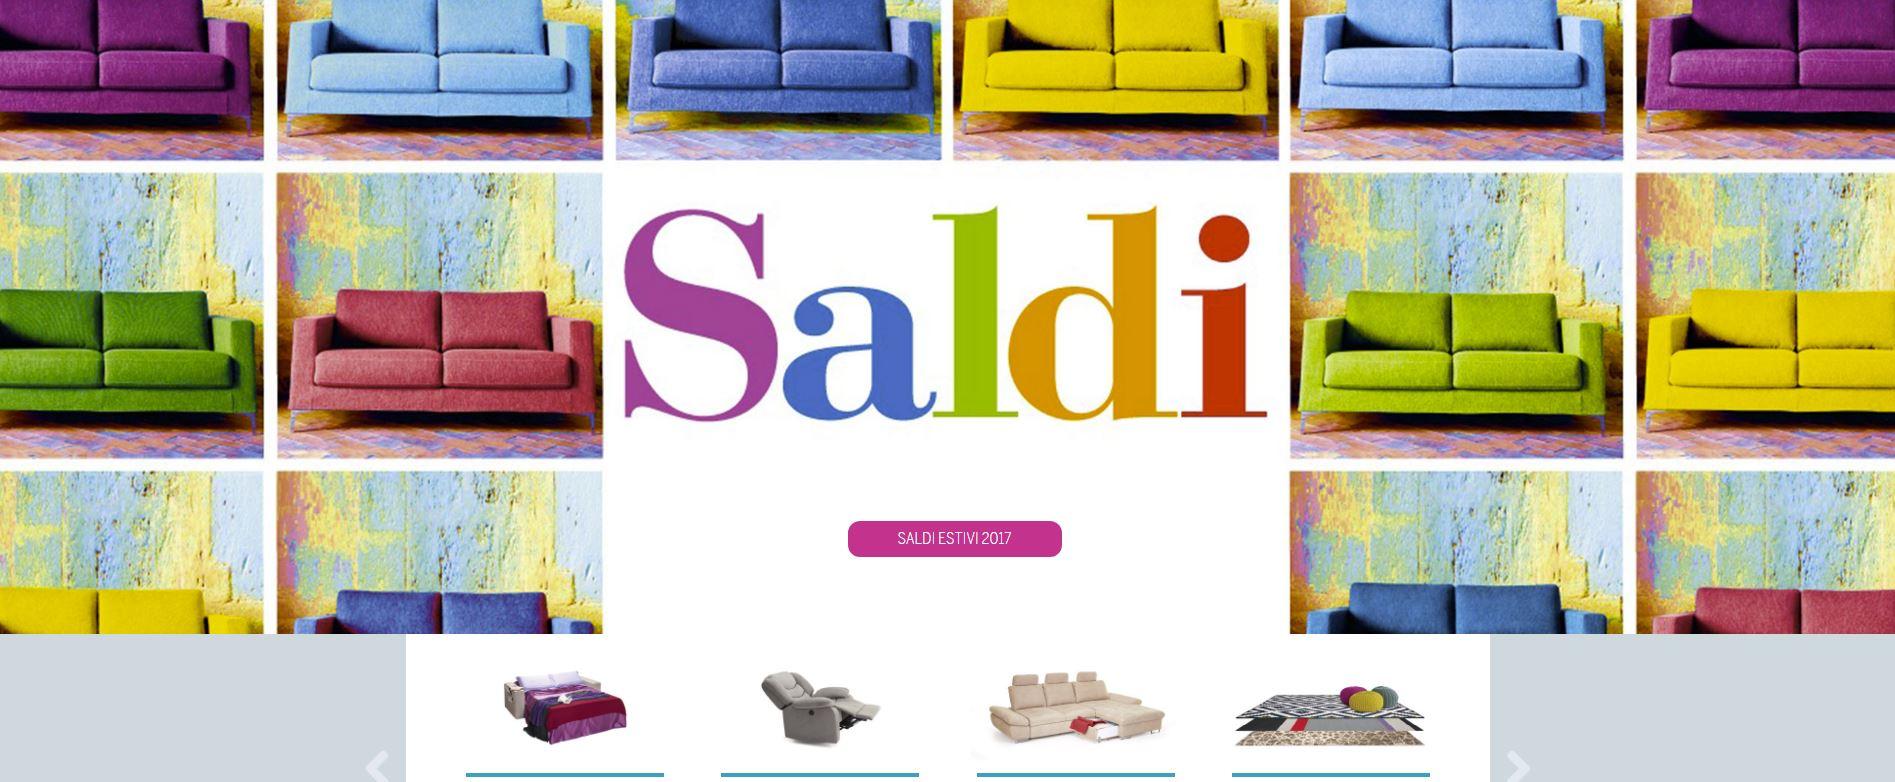 Occasione divani scontati fino al 70 ferrara mobili for Mobili occasione milano